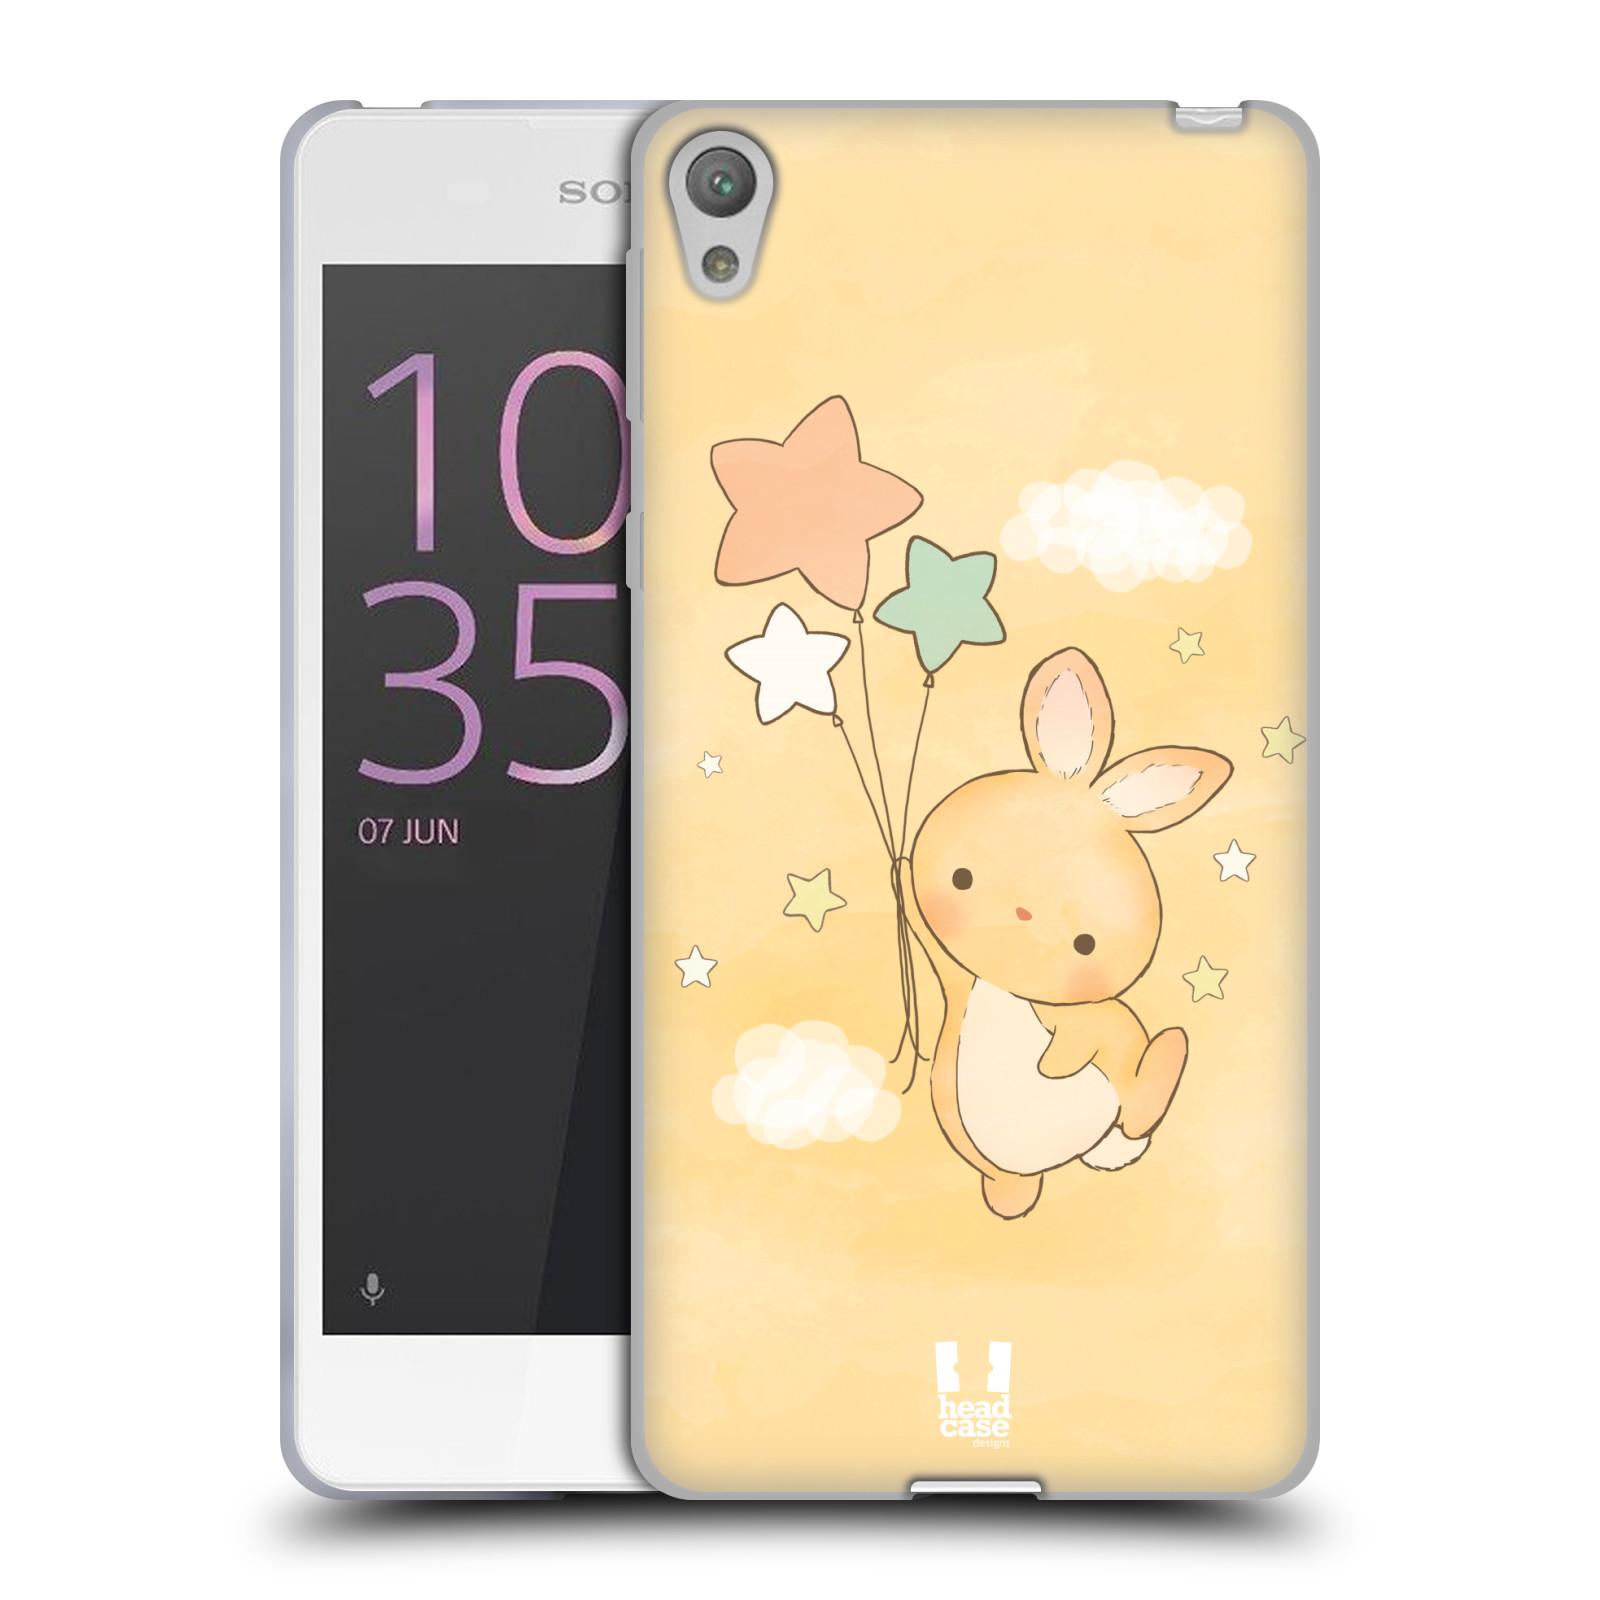 HEAD CASE silikonový obal na mobil SONY XPERIA E5 vzor králíček a hvězdy žlutá